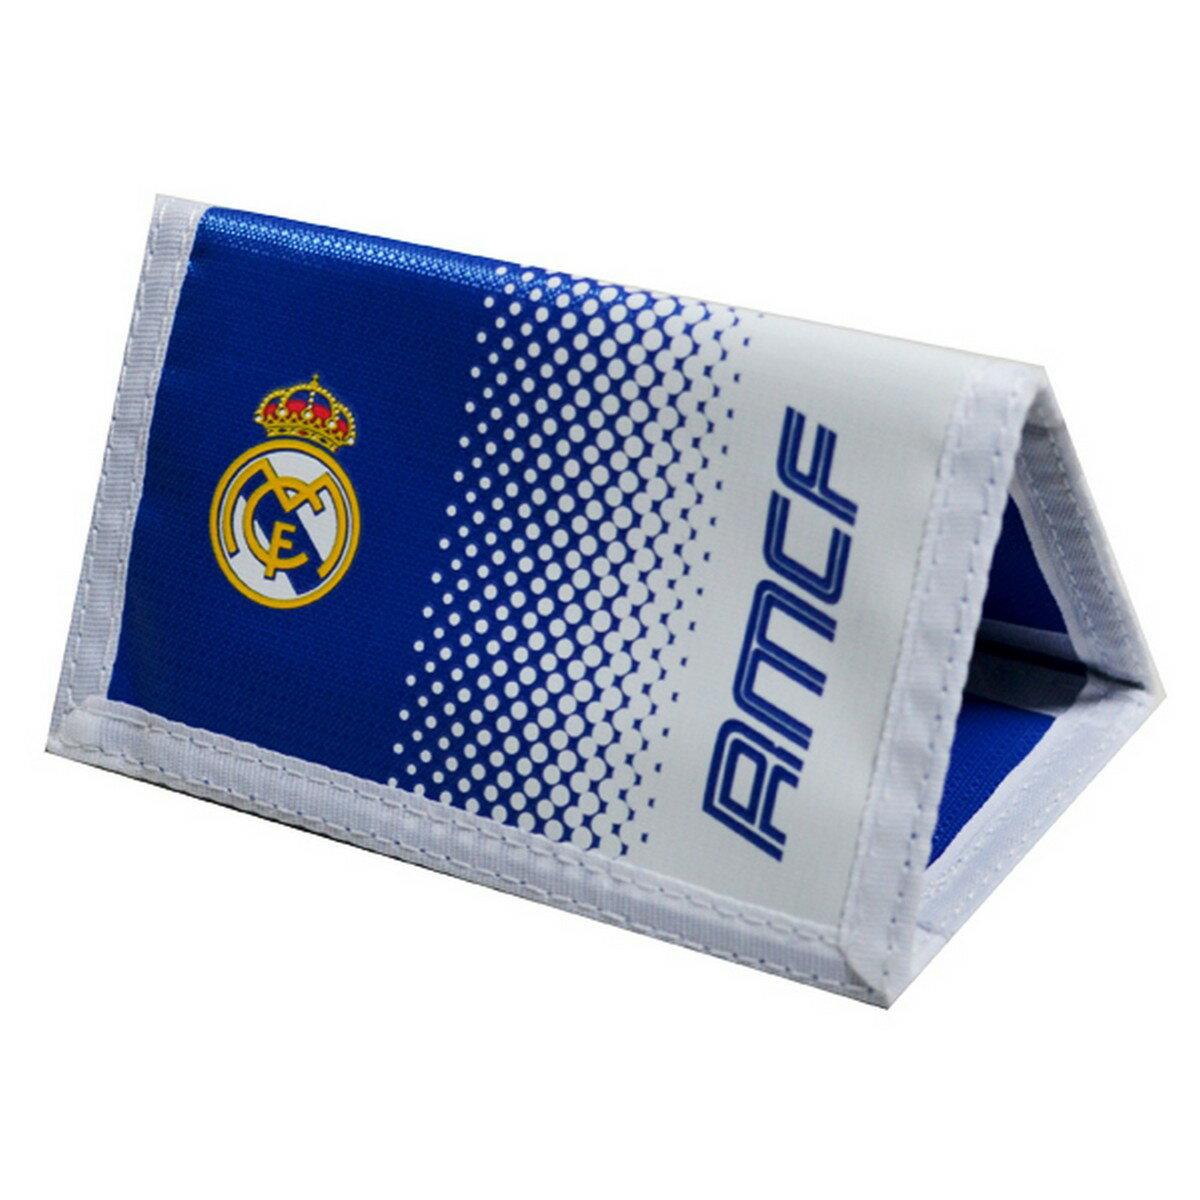 レアル・マドリード フットボールクラブ Real Madrid CF オフィシャル商品 サッカー 財布 ウォレット 【楽天海外直送】